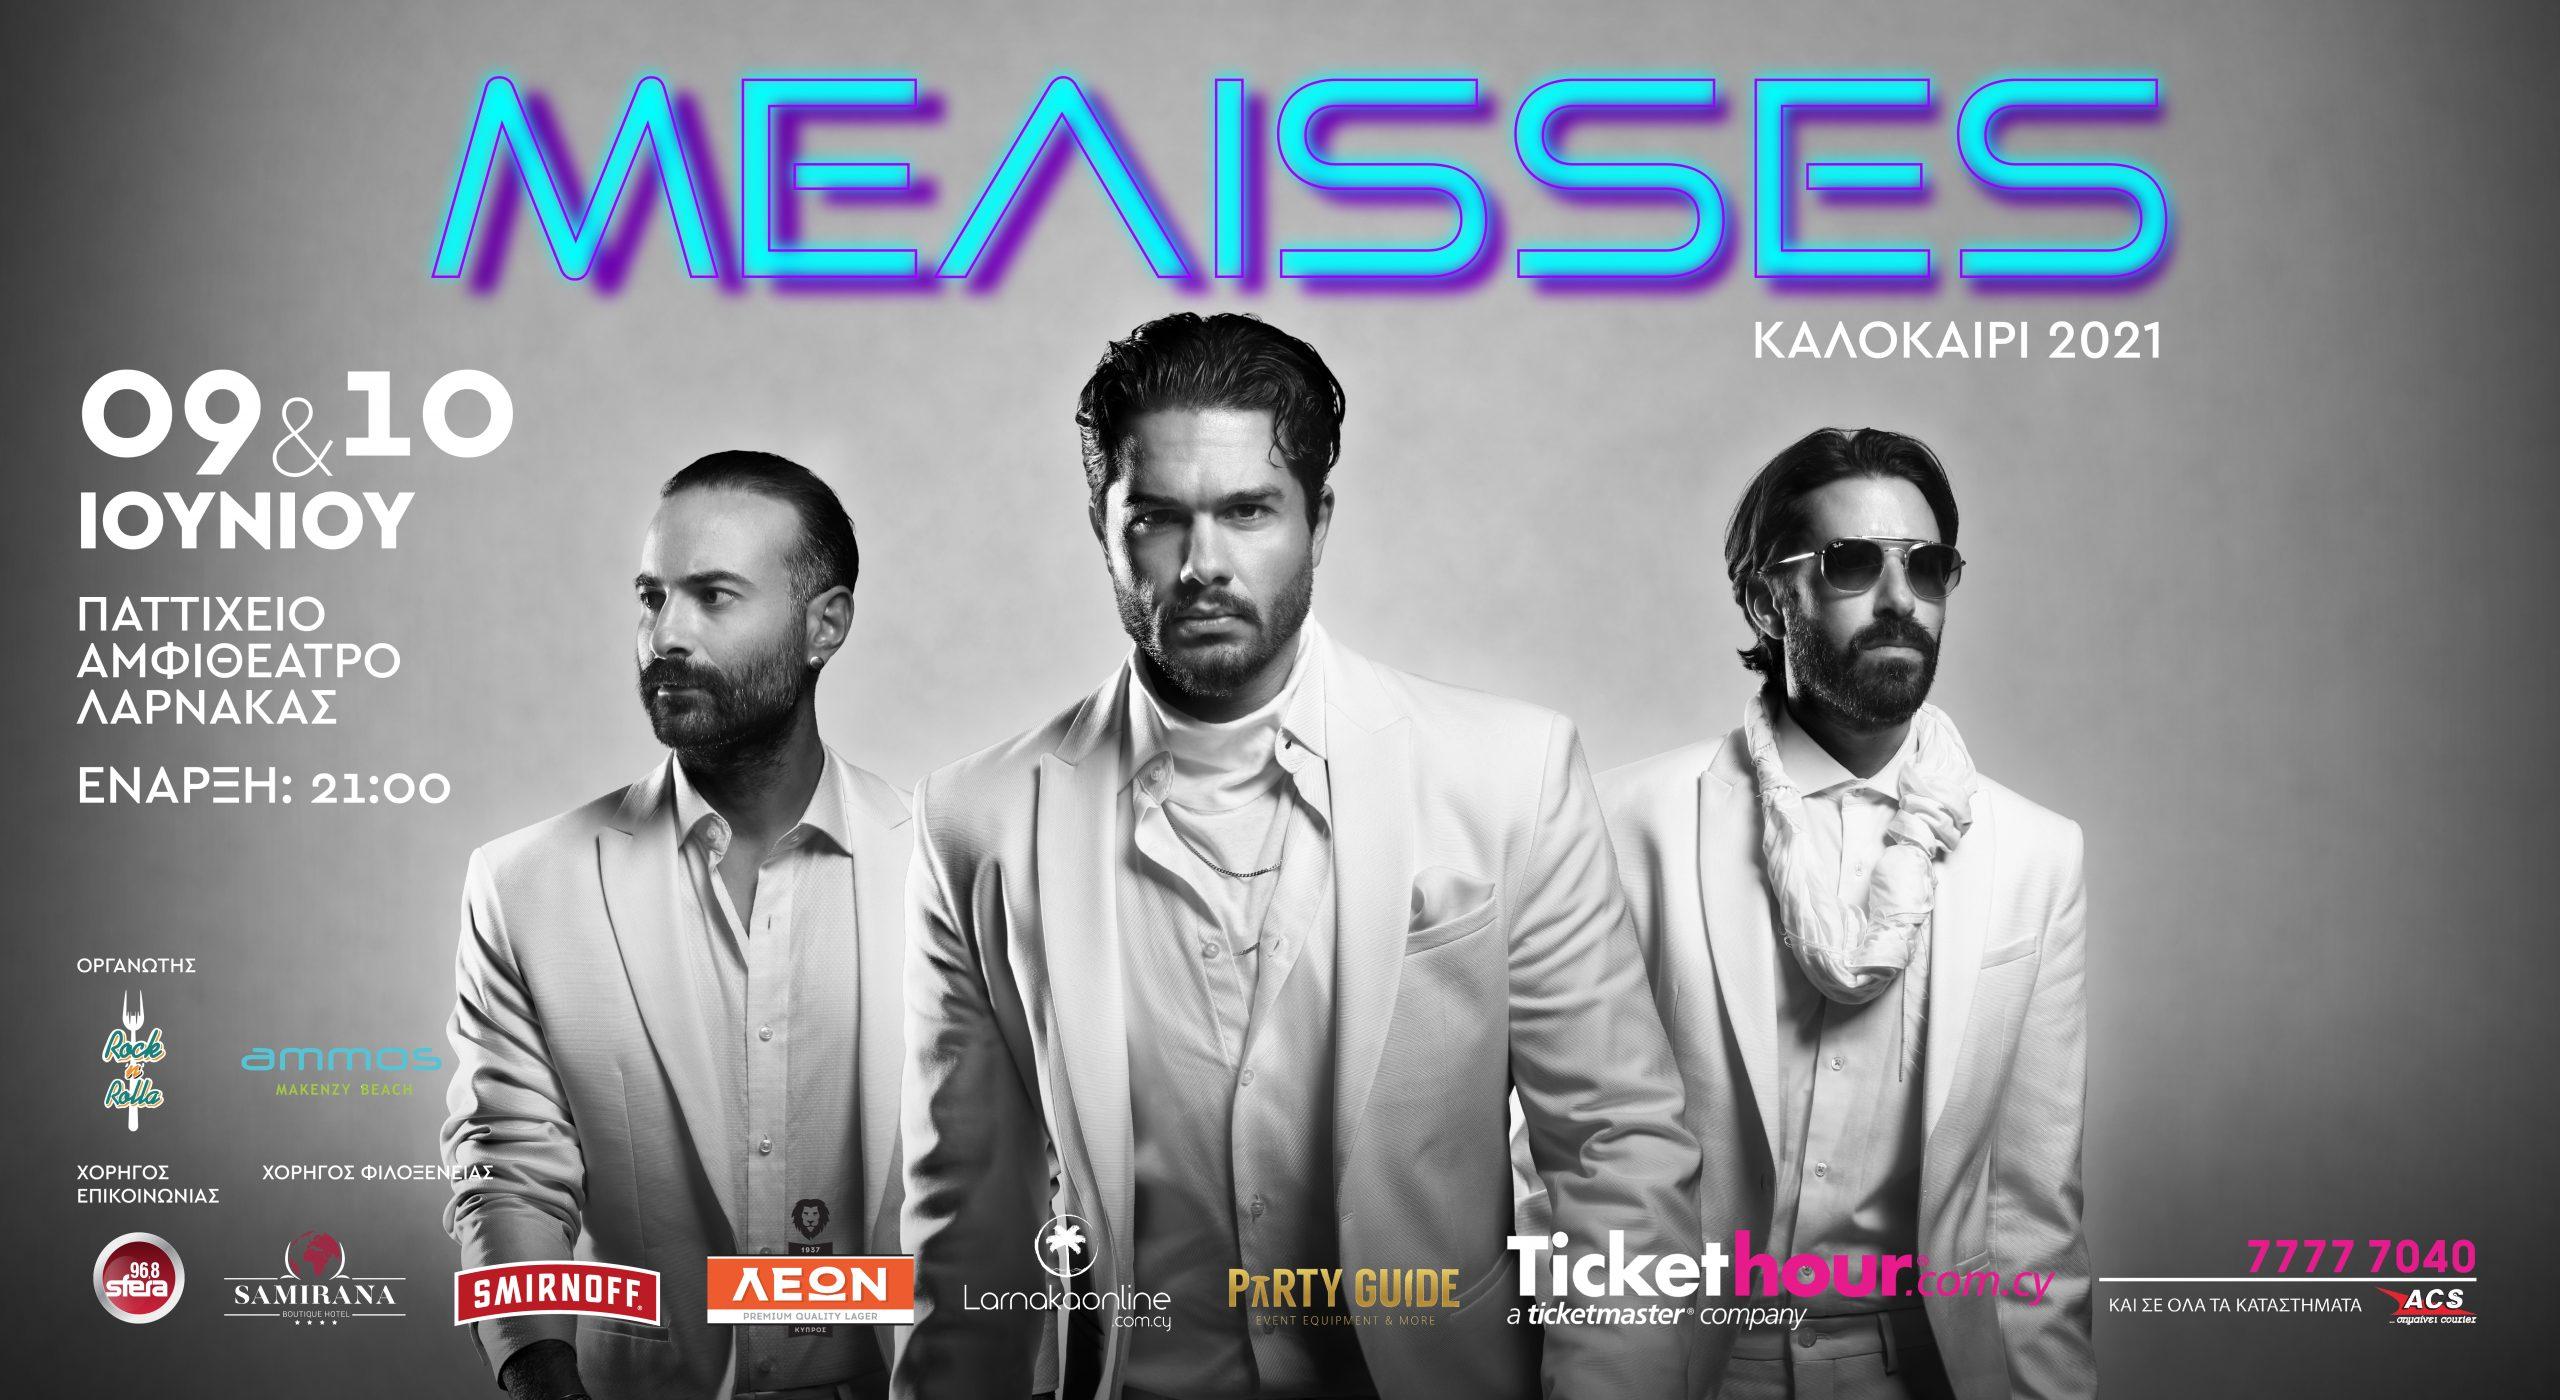 Συνεχίζεται η προπώληση εισιτηρίων για τις MEΛISSES LIVE